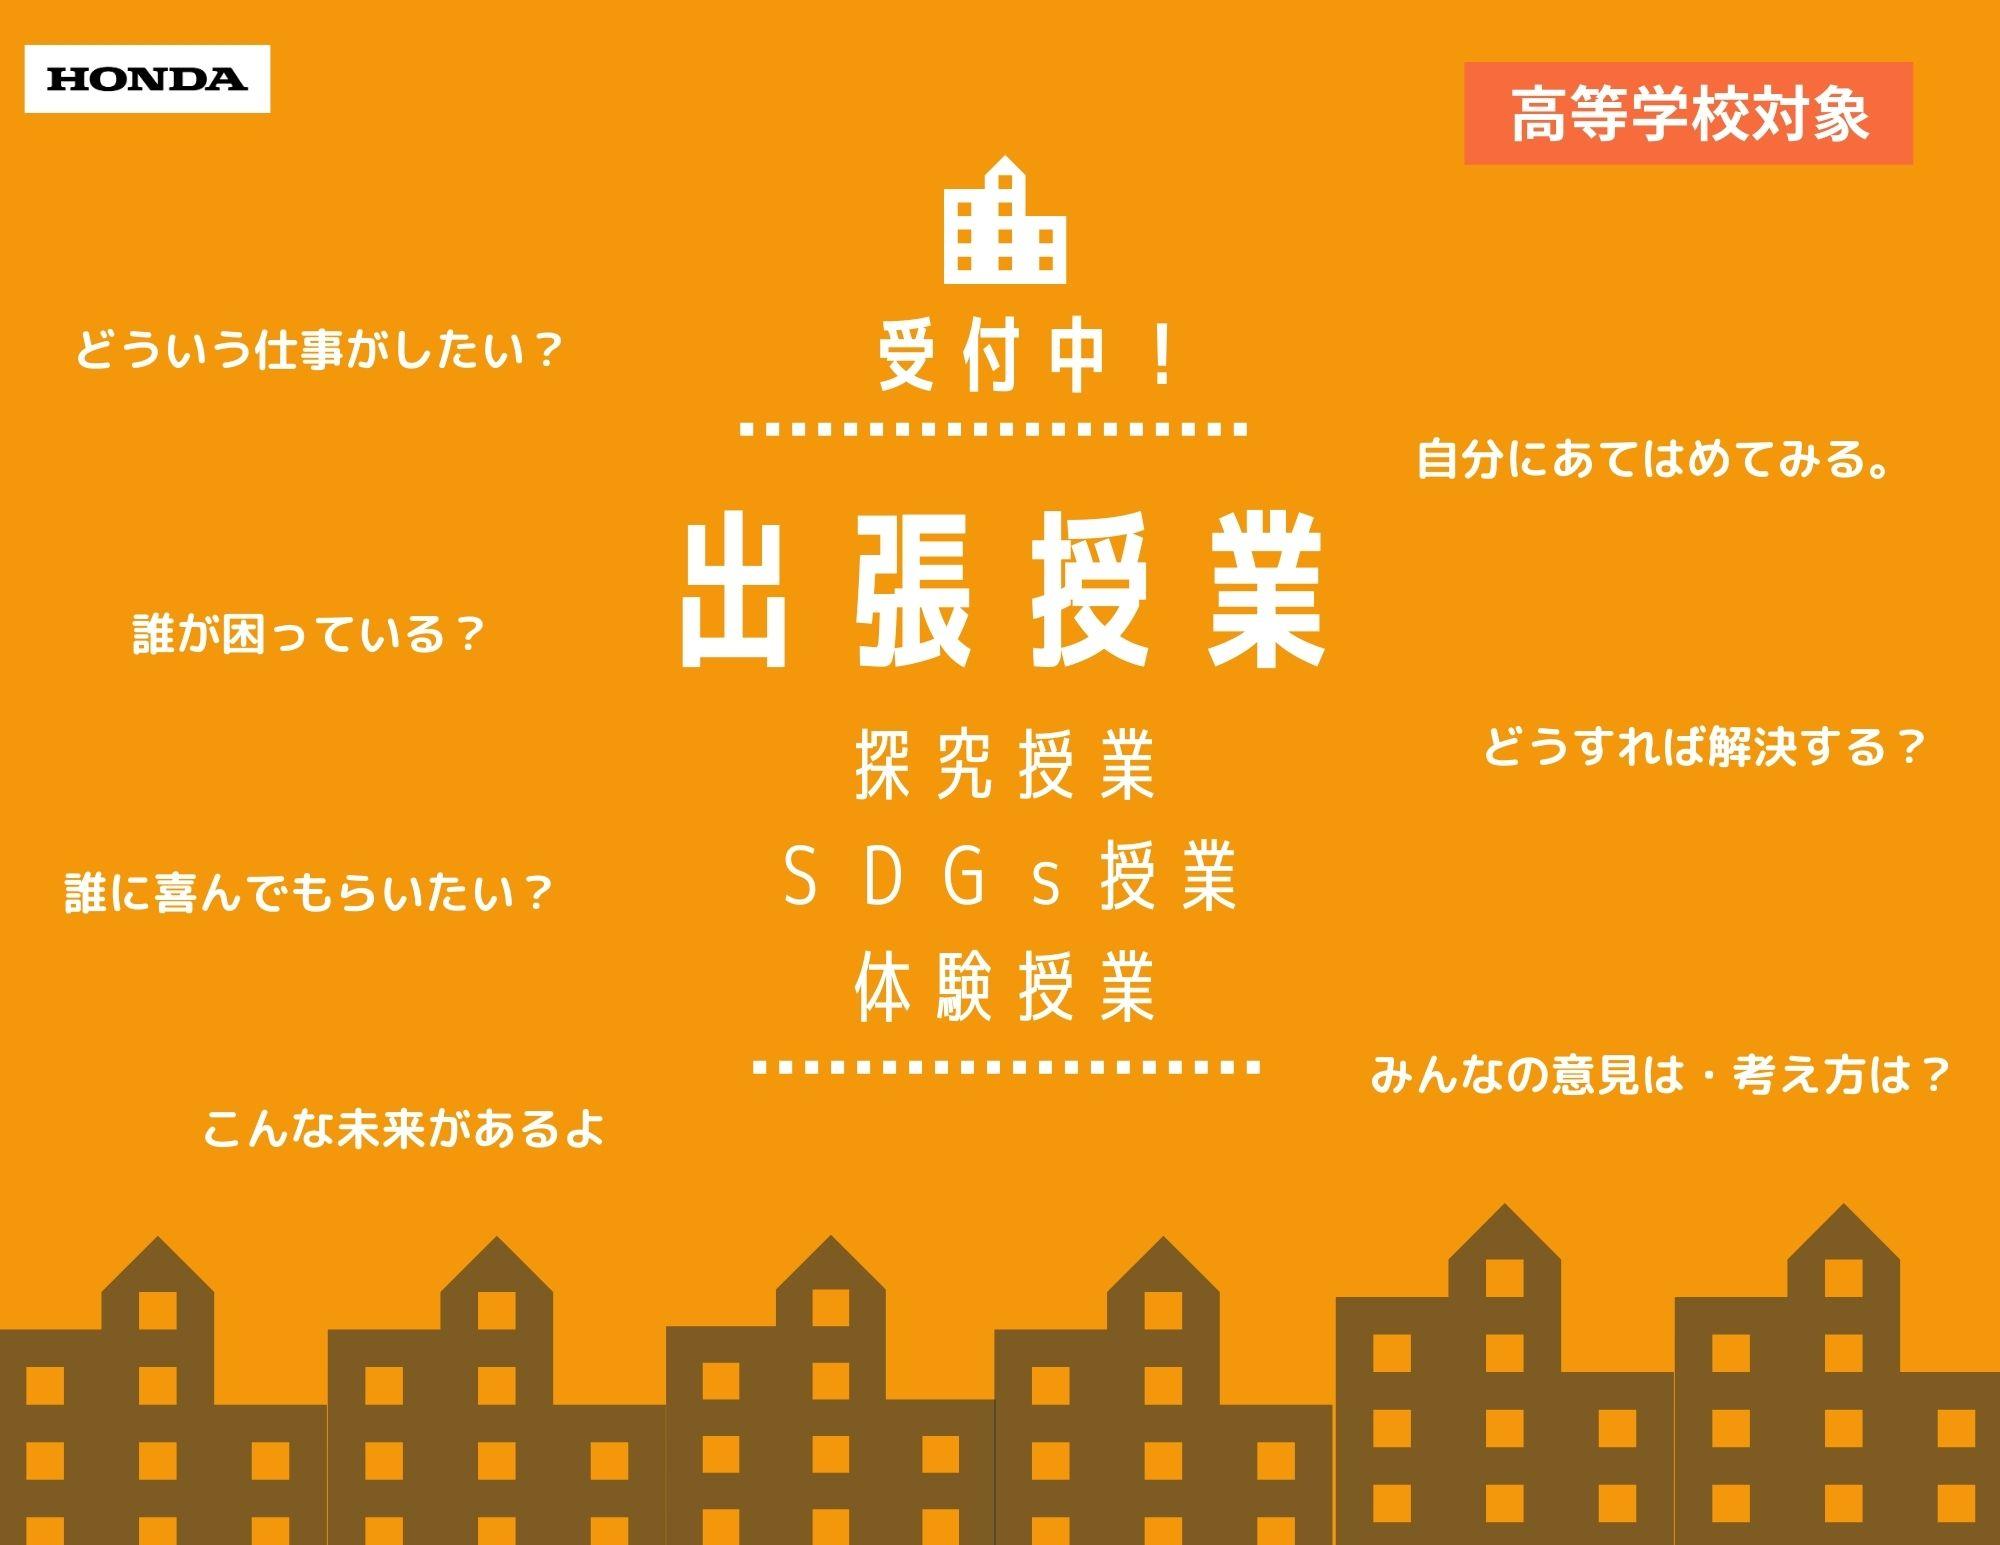 【受付開始!】高校への出張授業(西日本限定)